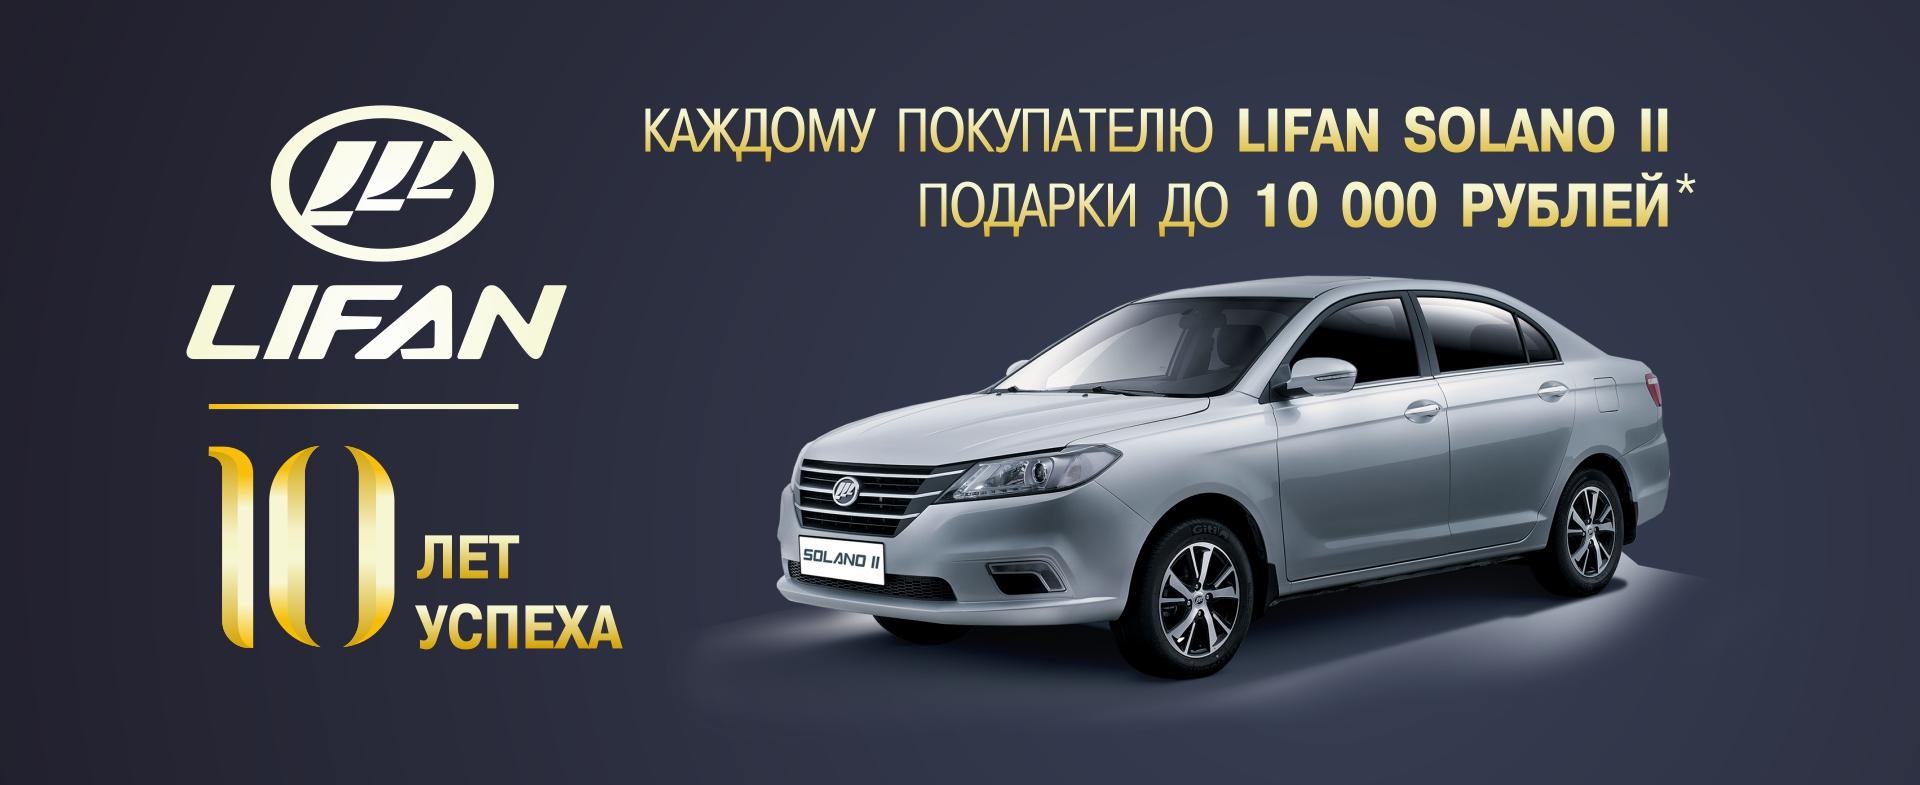 Подарки до 10 000 рублей!